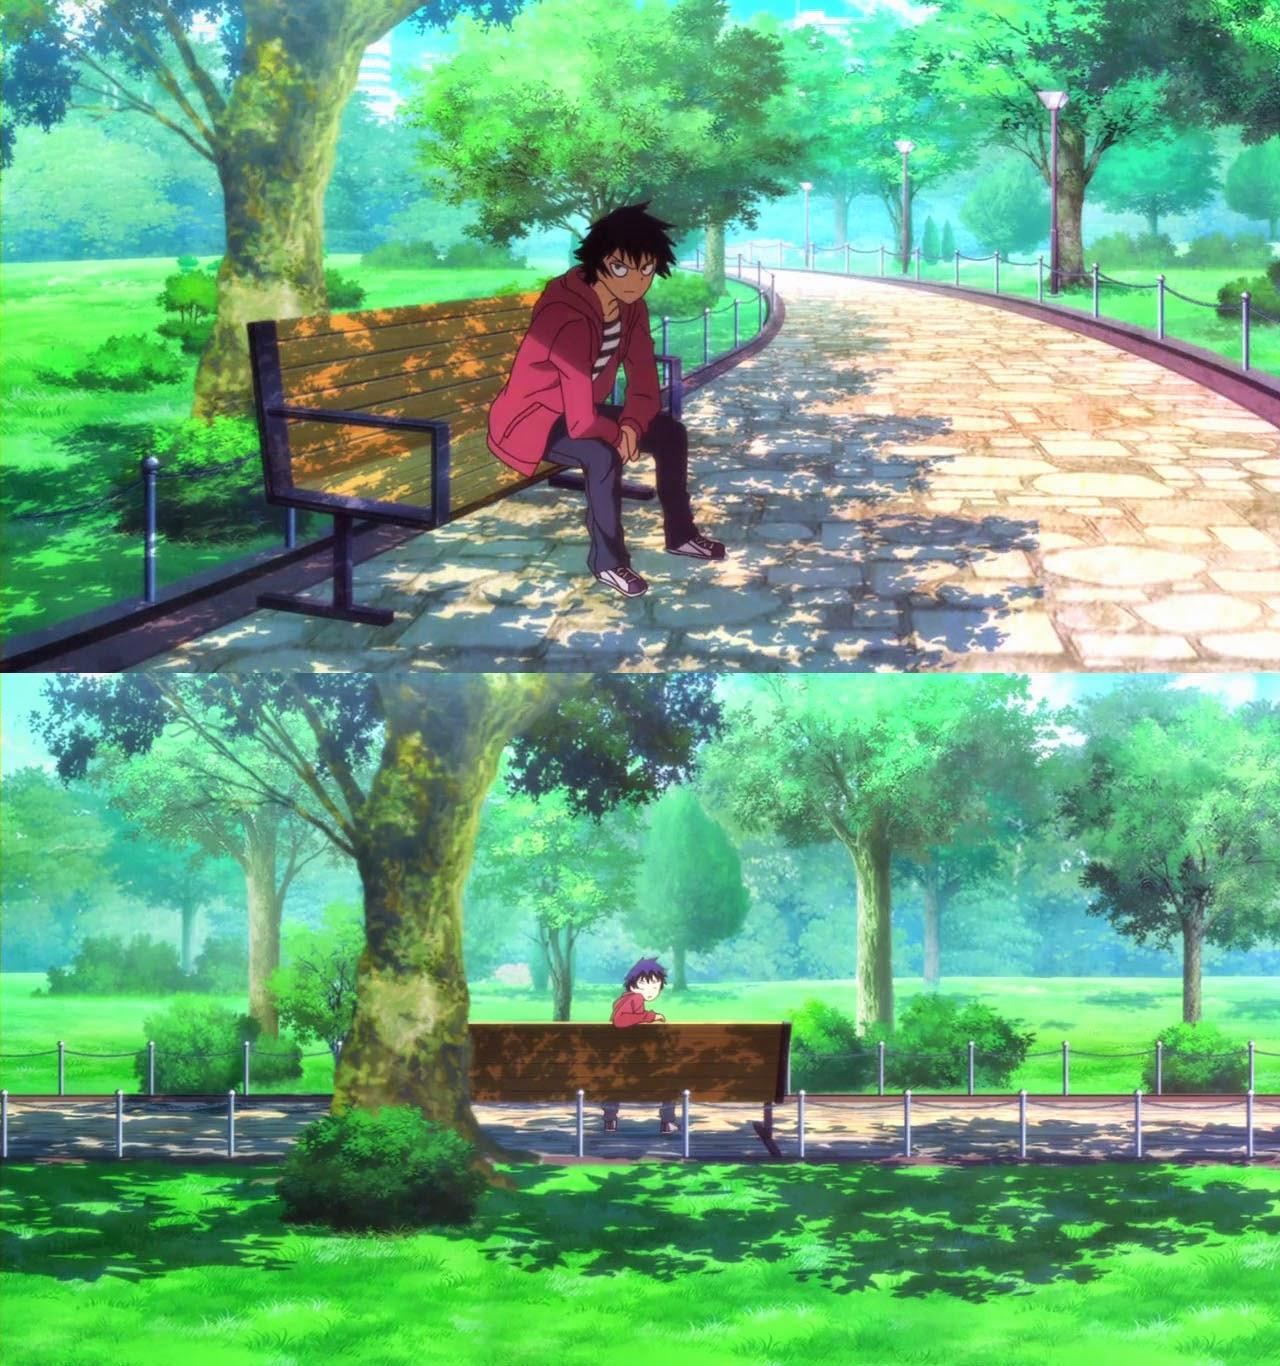 470+ Gambar Animasi Kursi Ditaman Gratis Terbaru